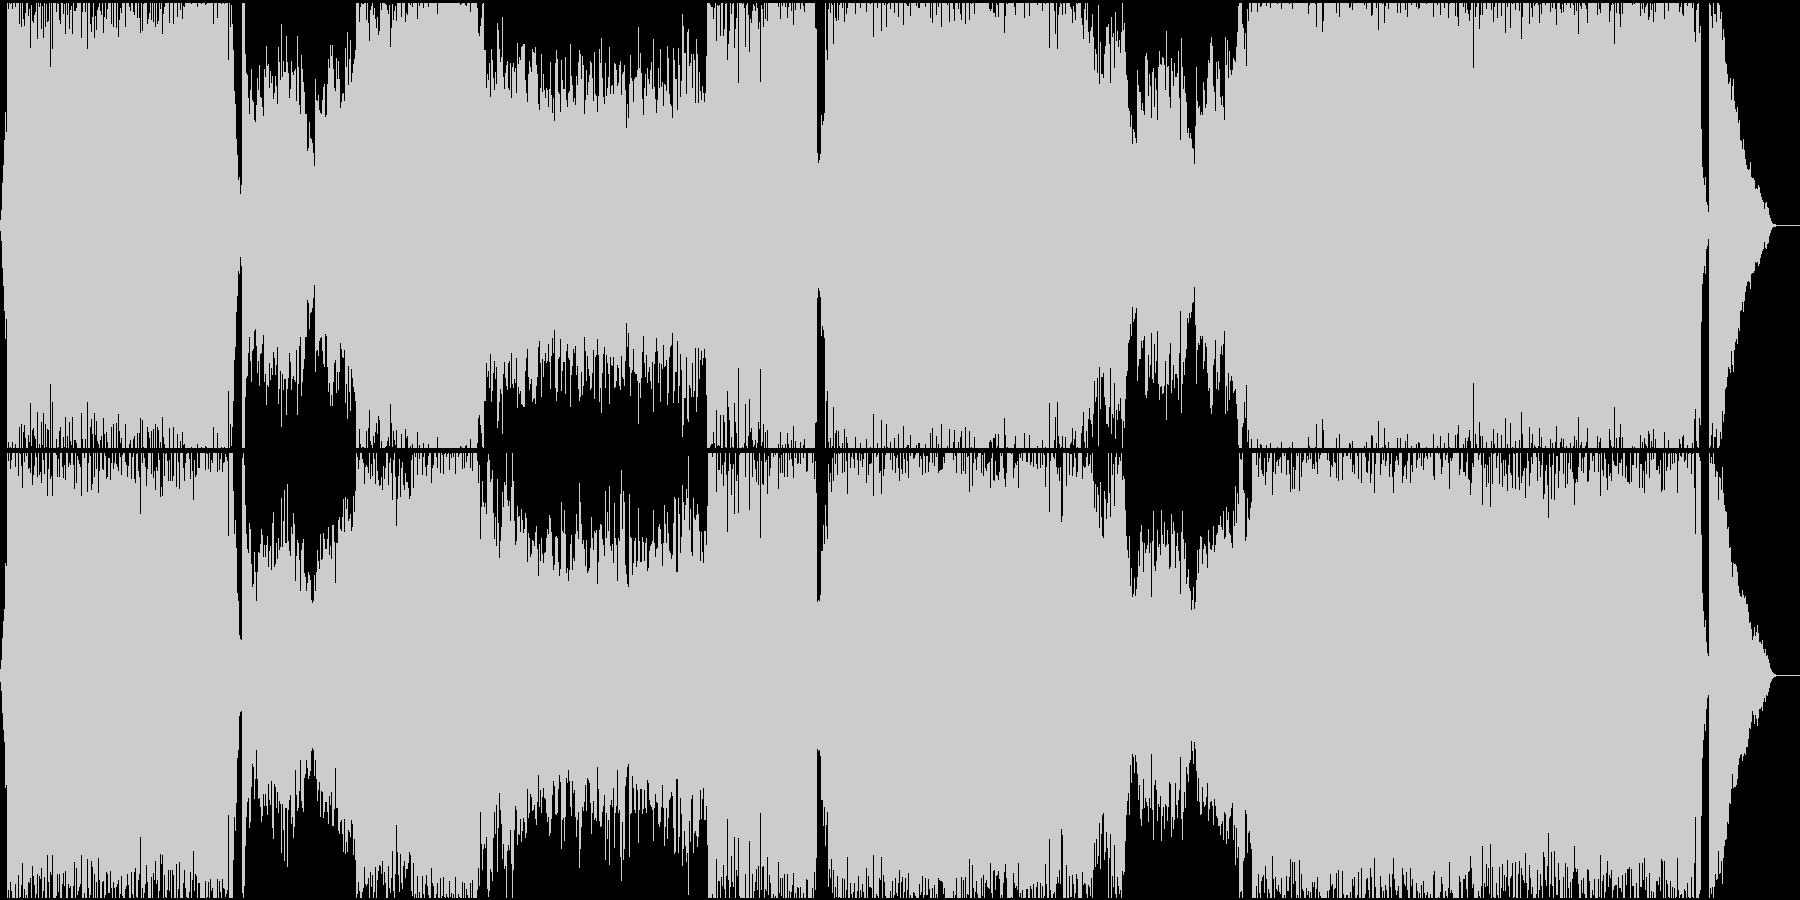 ボカロ系の激しいテクノ トランスの未再生の波形